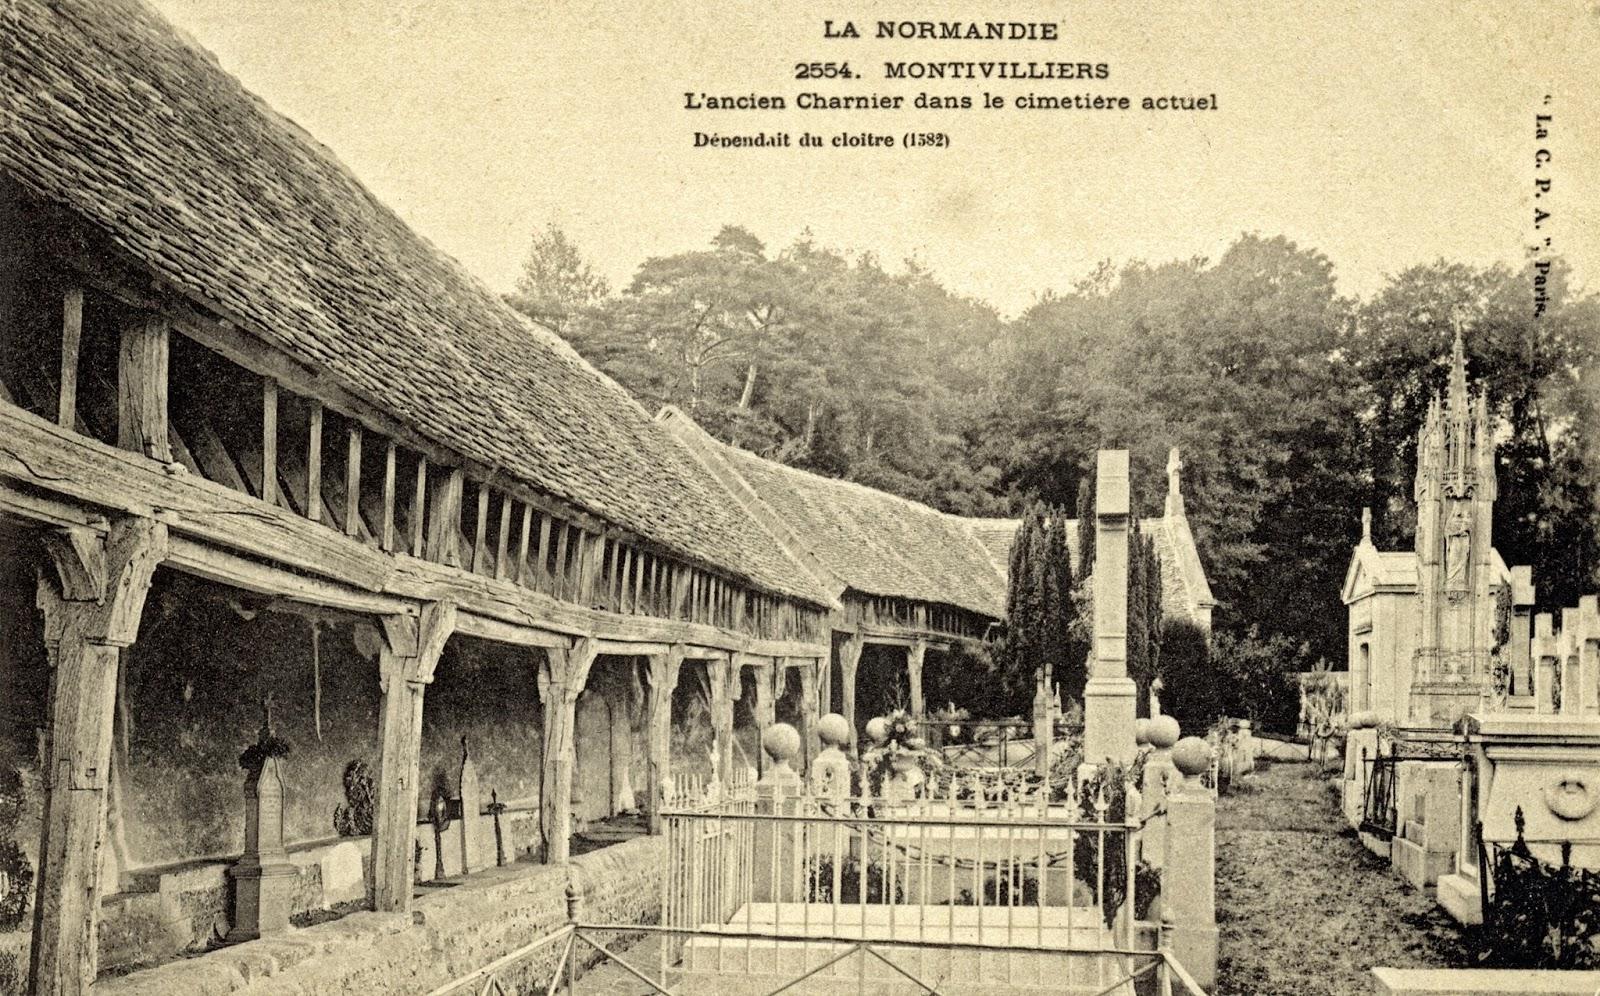 Carte postale du début du XXe siècle